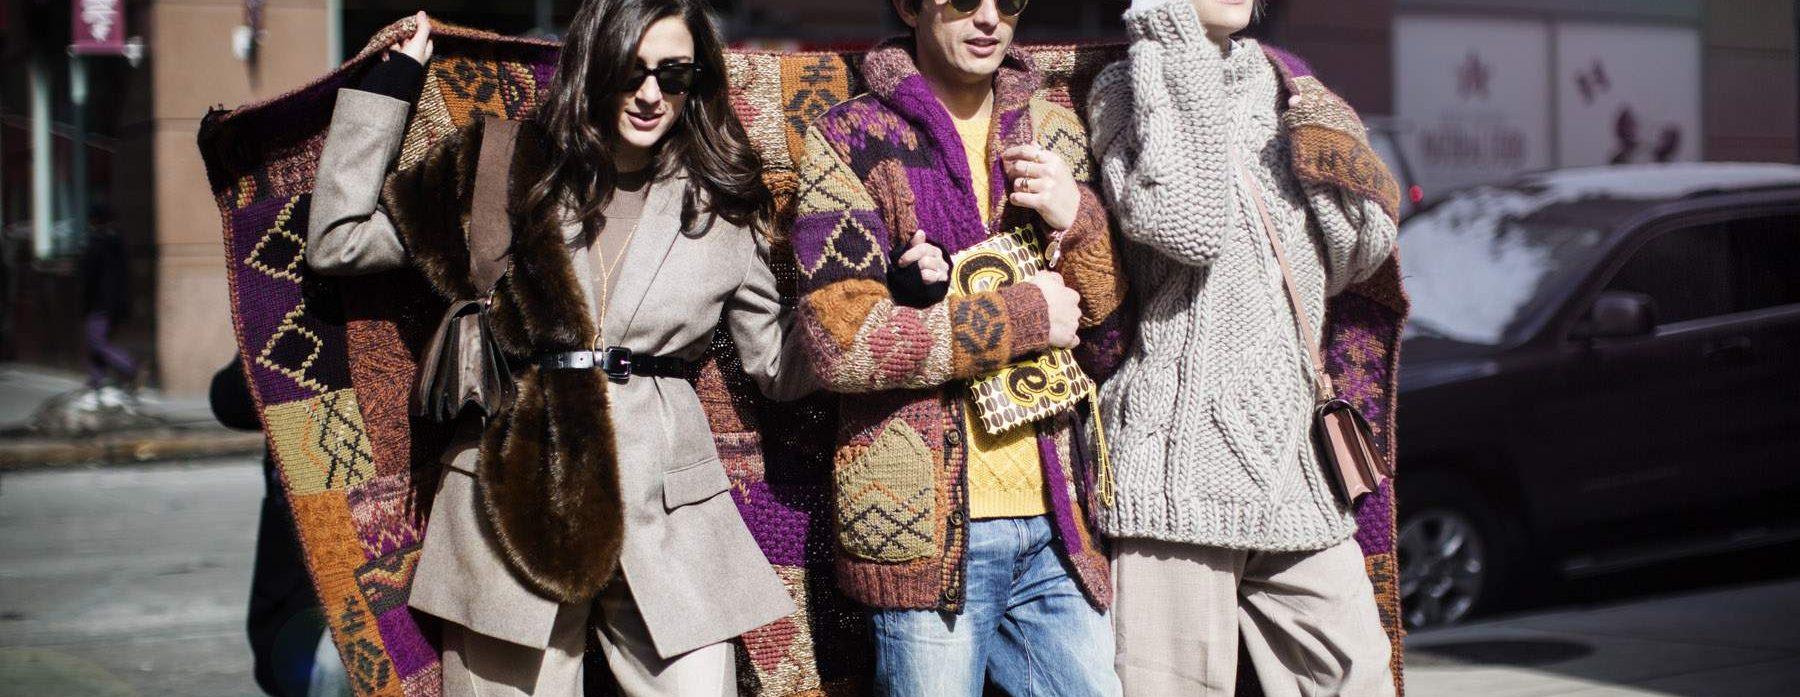 new-york-emircan-soksan-sokak-modasi-lifestyle-sehir-hayati